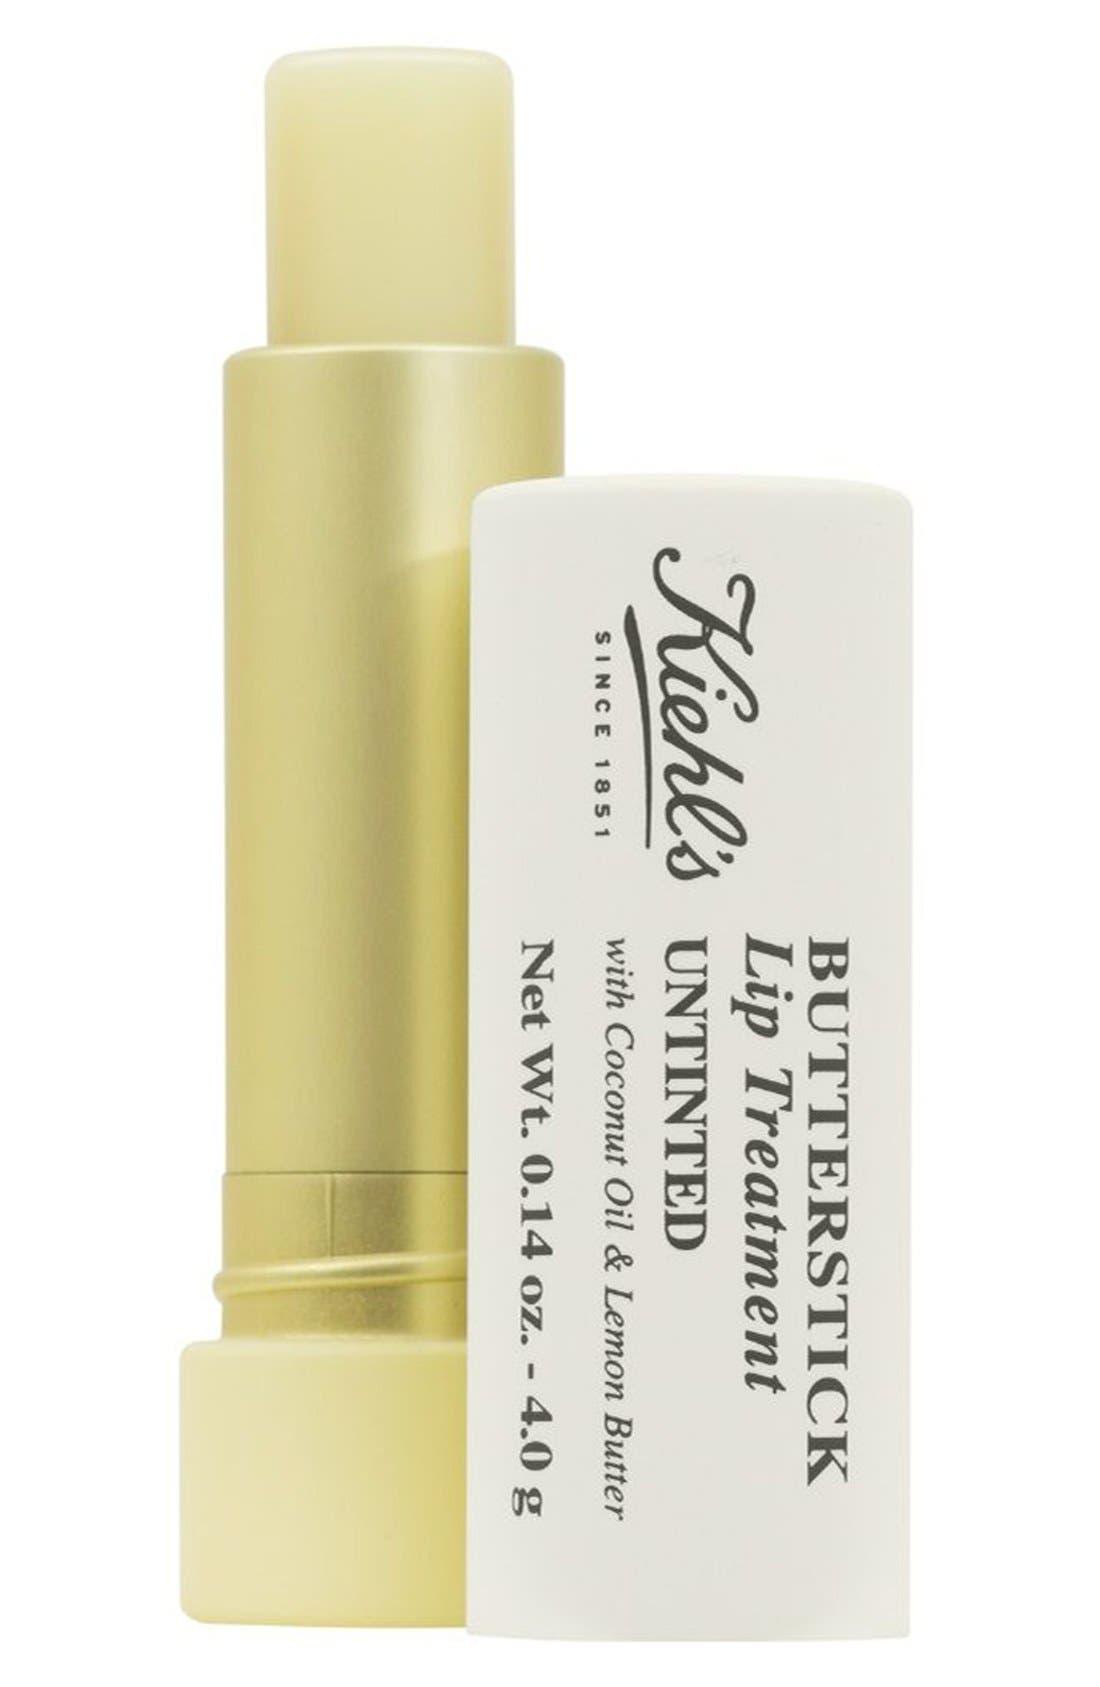 Butterstick Lip Treatment,                             Main thumbnail 1, color,                             000